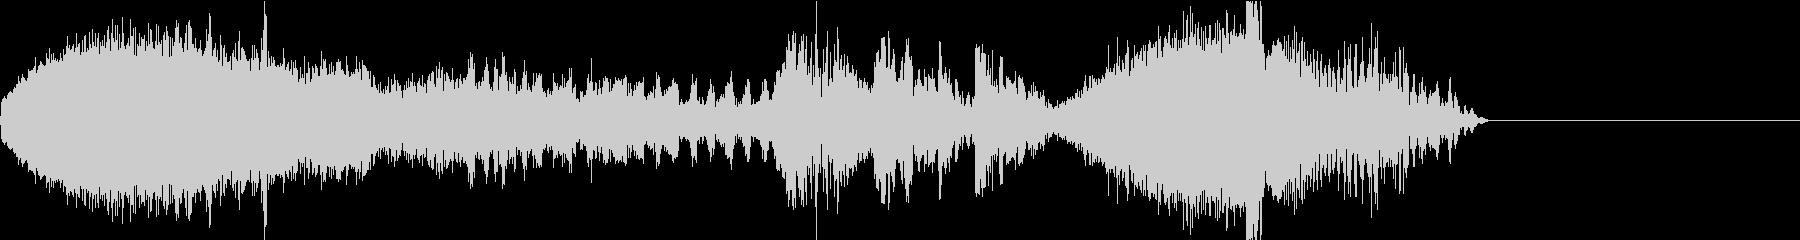 FMラジオ的ジングル7の未再生の波形